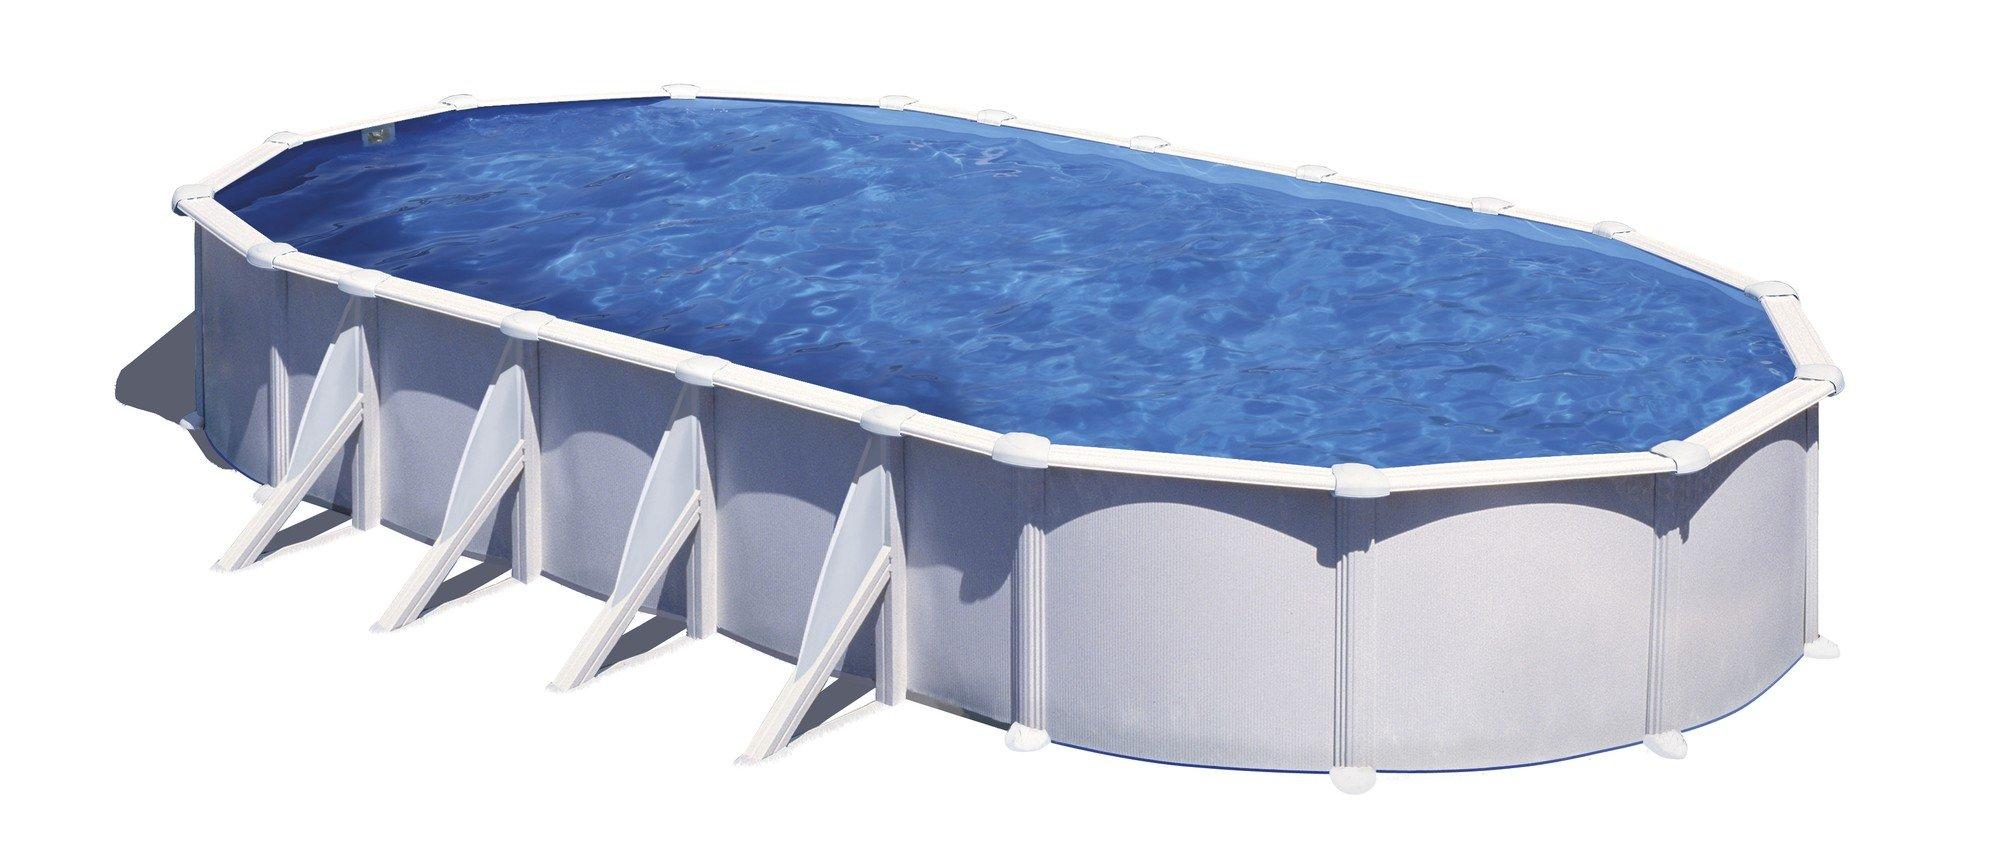 Afbeelding van Gré Atlantis stalen zwembad - 810 x 470 x 132 cm